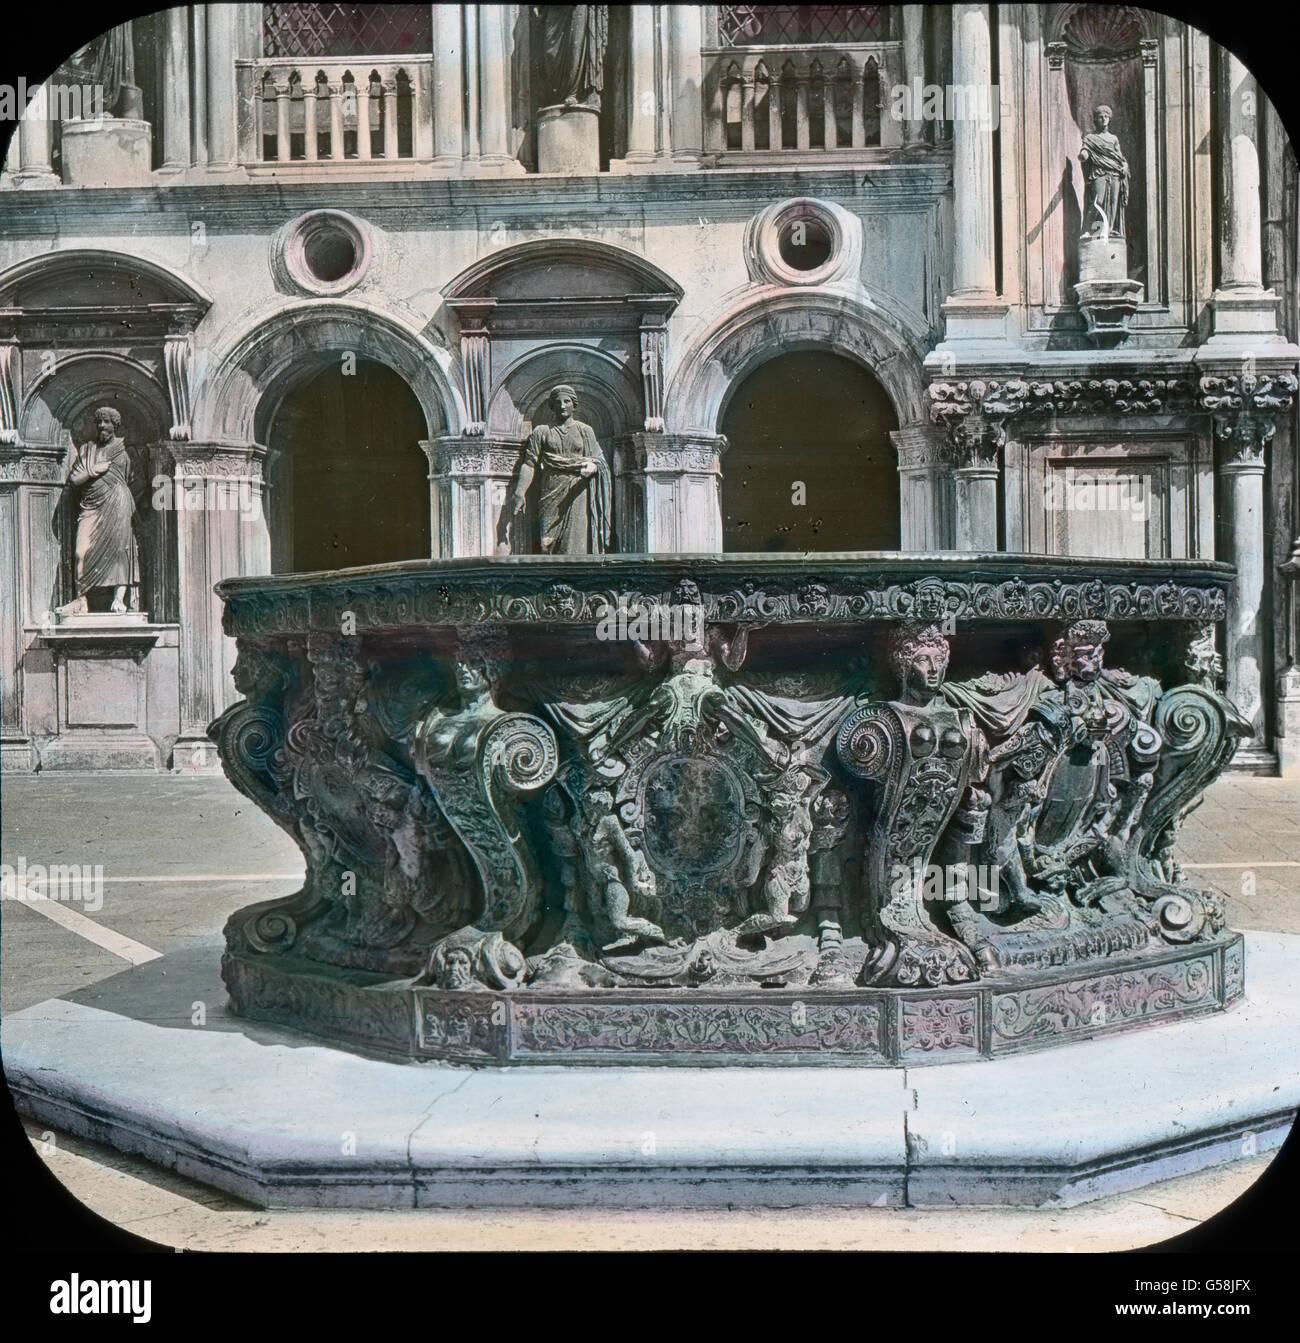 Wir Sehen Den Brunnen Als Ein Mächtiges Becken In Kunstvollem Erzguß,  Geschmückt Mit Figuren Und